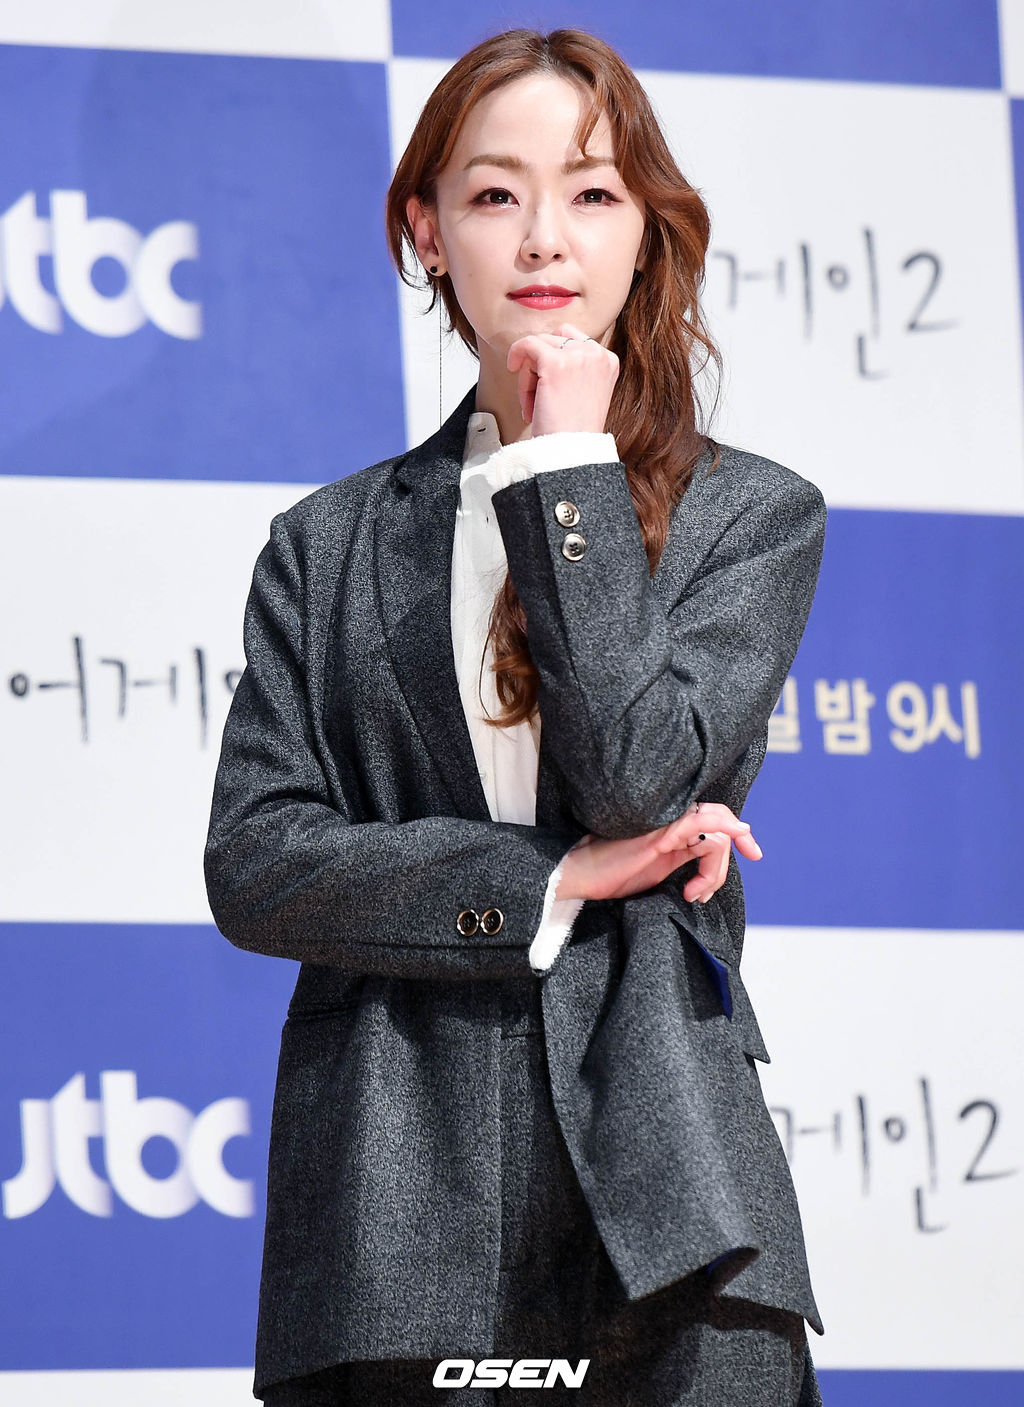 [사진=OSEN DB] 자우림 김윤아가 '텔레그램 n번방 사건'에 격분했다. 사진은 과거 '비긴어게인' 제작발표회에 참석했던 모습이다.